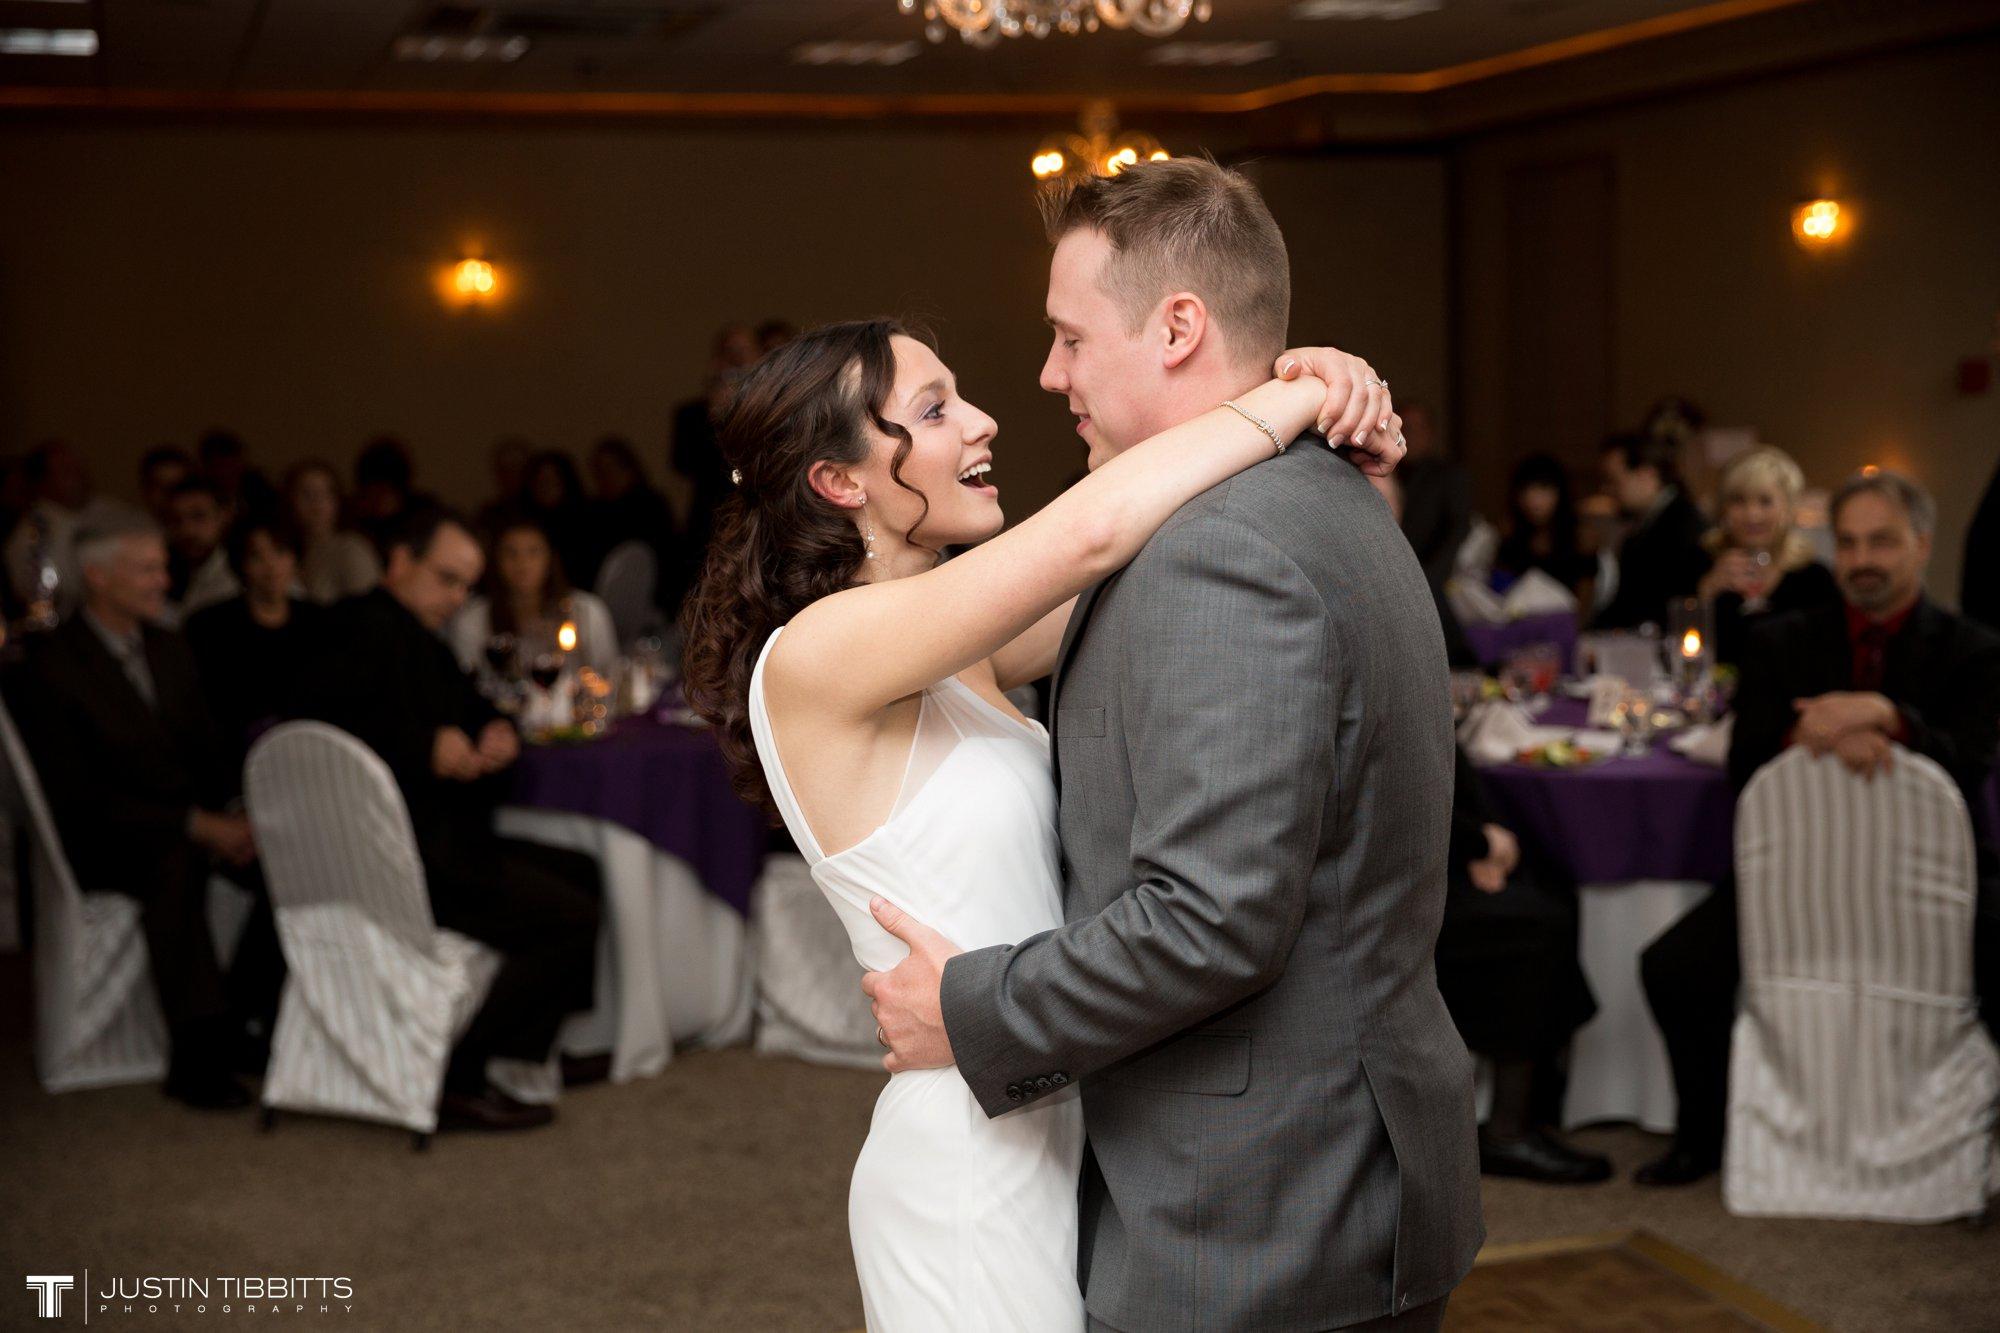 Albany NY Wedding Photographer Justin Tibbitts Photography 2014 Best of Albany NY Weddings-25Albany NY Wedding Photographer Justin Tibbitts Photography Albany NY Best of Weddings23